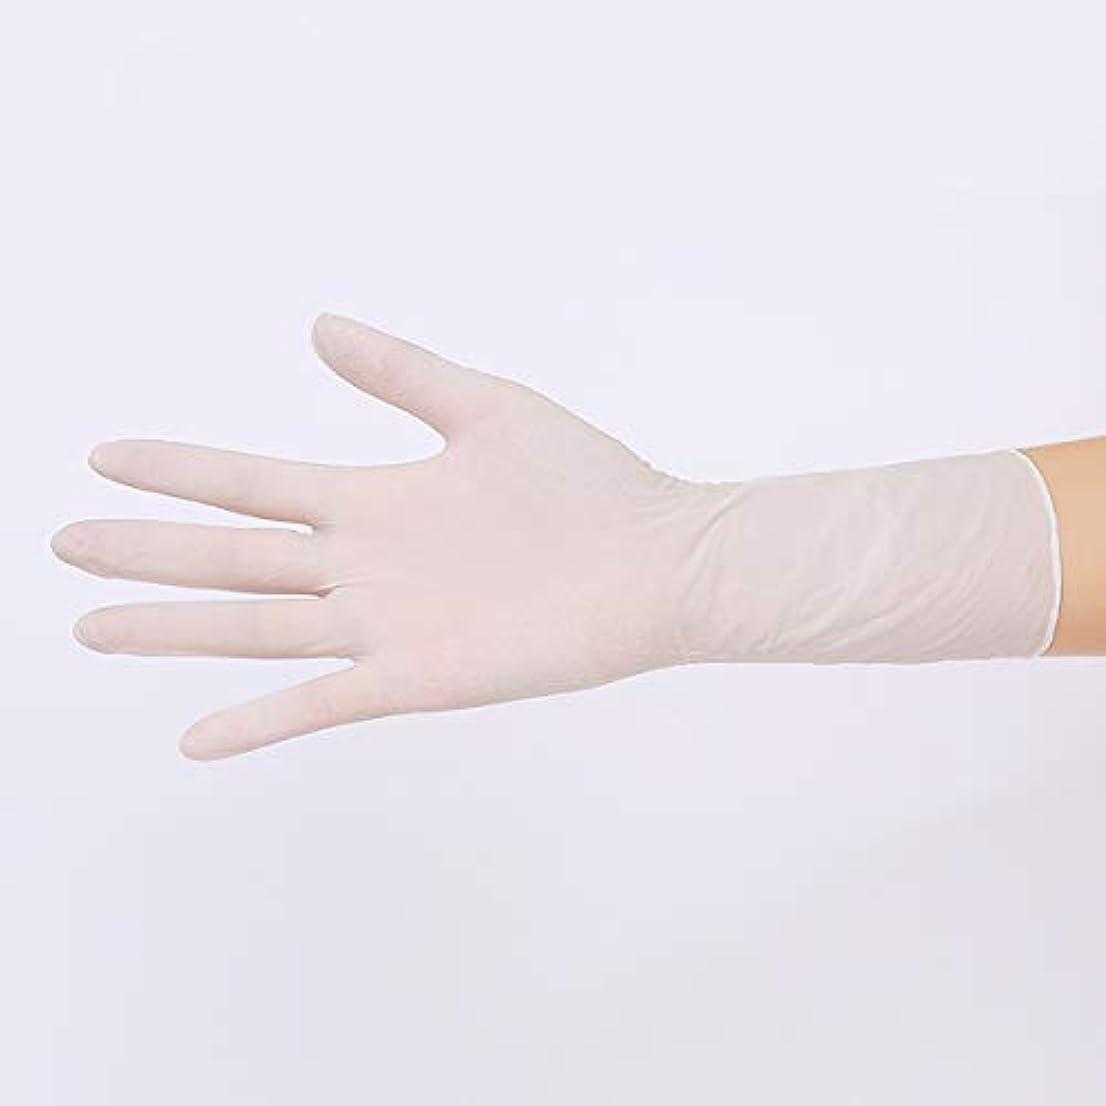 養う剣速記ニトリルグローブ 使い捨て手袋 グローブ パウダーフリー 作業 介護 調理 炊事 園芸 掃除用,Whitelength100,M